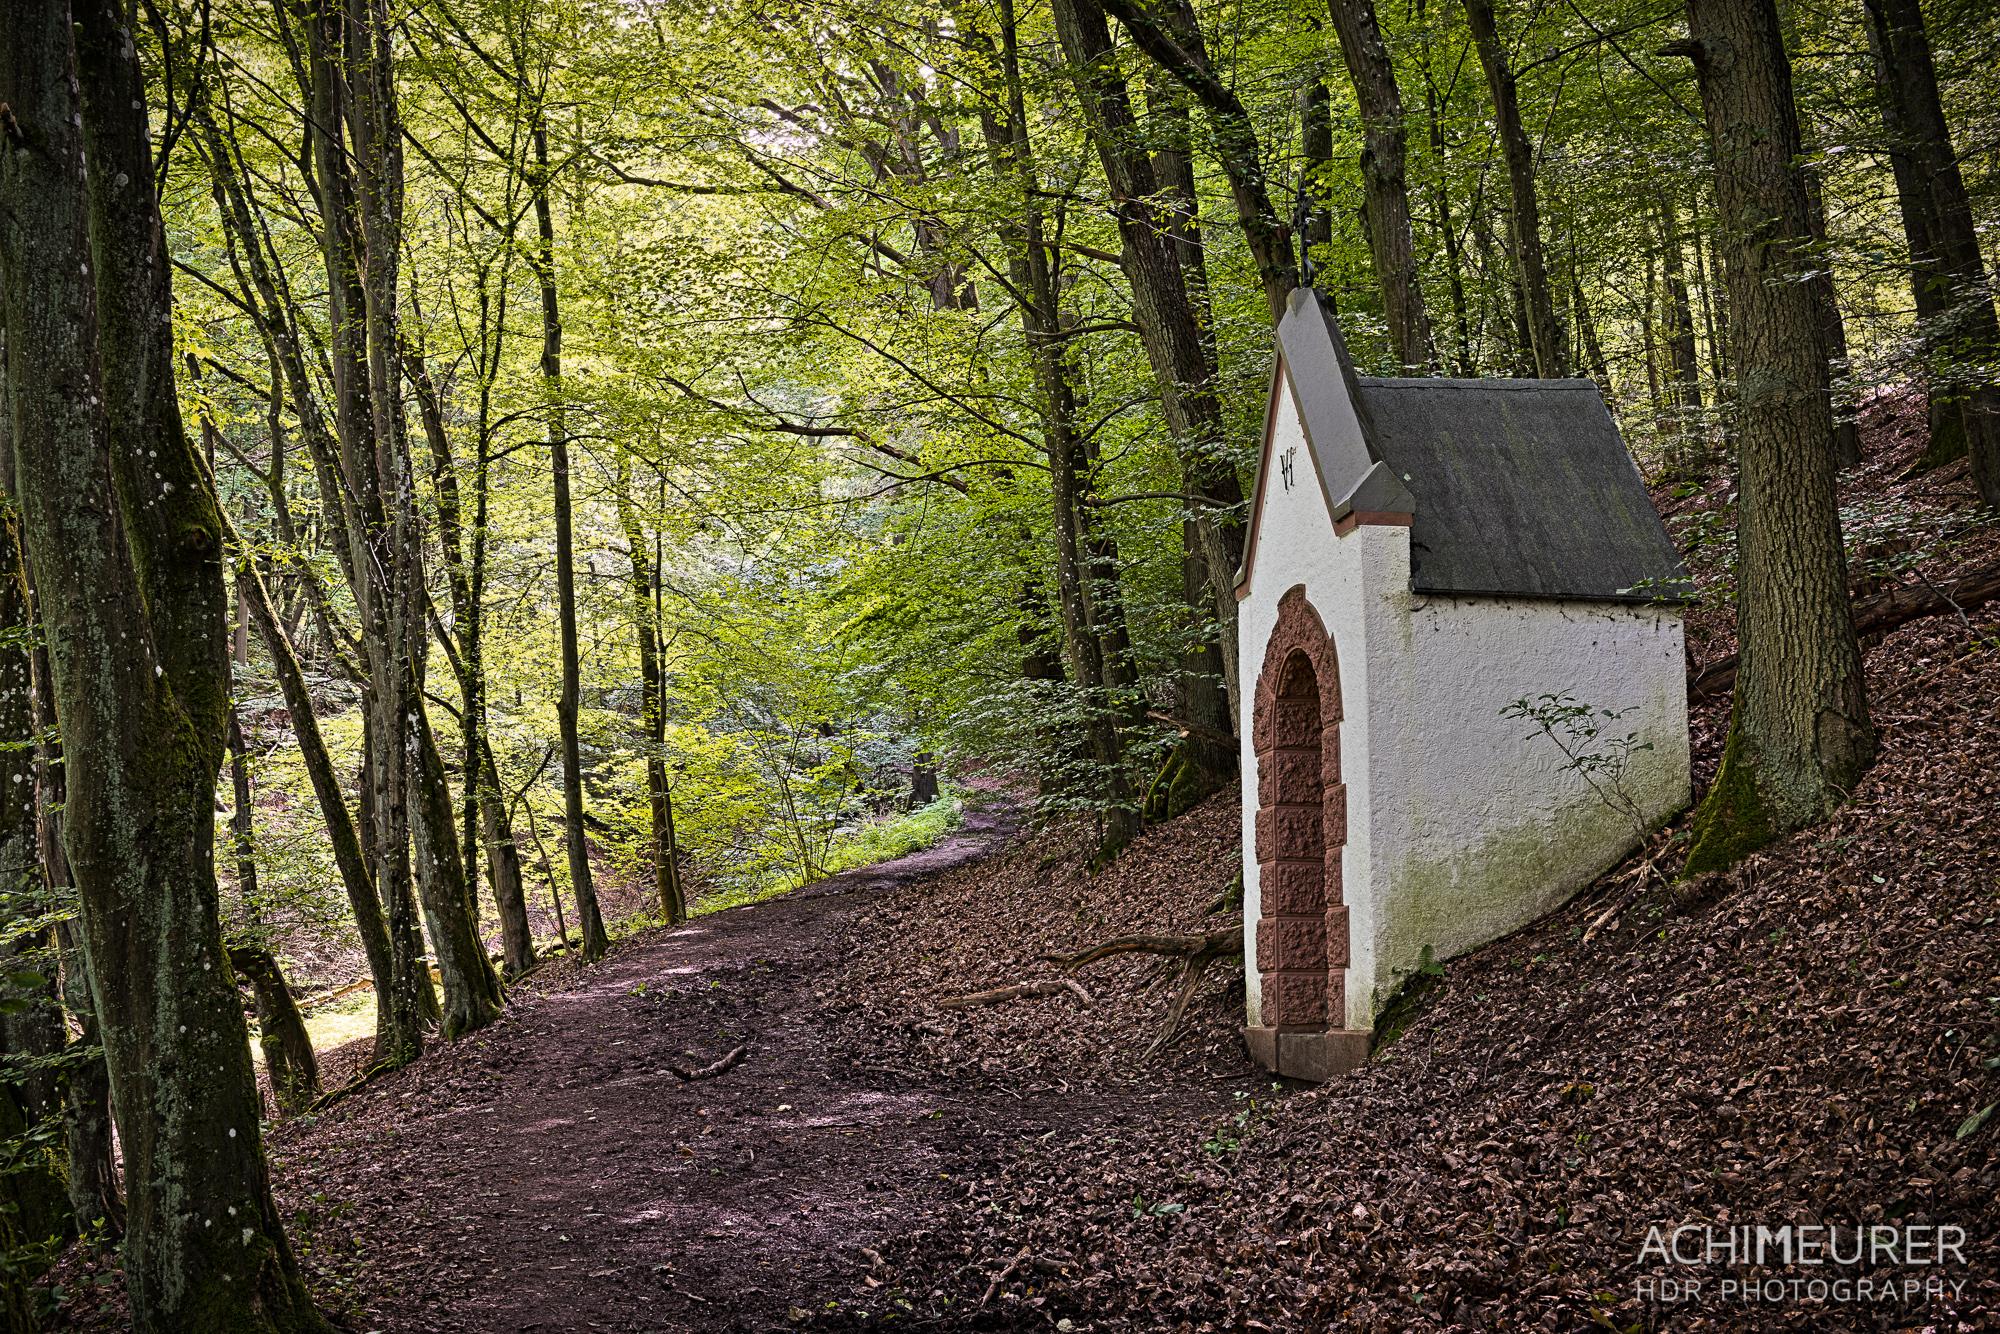 Eifel-Rheinland-Pfalz-Rureifel_5440_39_38_37_36_35_34_HDR